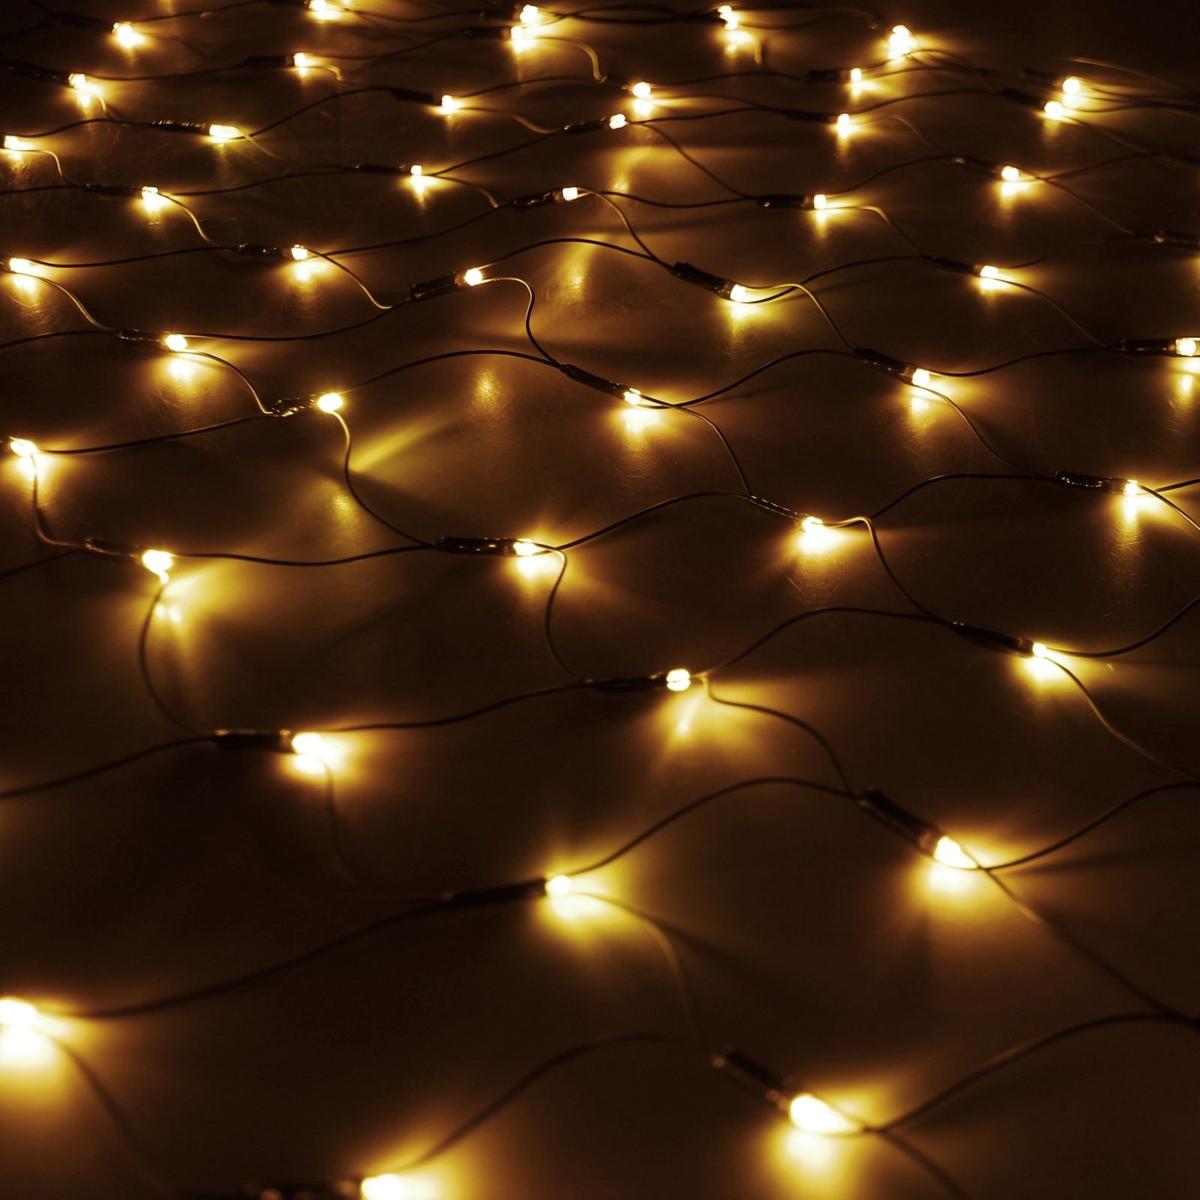 Гирлянда Luazon Сетка, длина 1,1 м, LED 144 ламп, 220V, цвет: желтый187225Светодиодные гирлянды, ленты и т.д — это отличный вариант для новогоднего оформления интерьера или фасада. С их помощью помещение любого размера можно превратить в праздничный зал, а внешние элементы зданий, украшенные ими, мгновенно станут напоминать очертания сказочного дворца. Такие украшения создают ауру предвкушения чуда. Деревья, фасады, витрины, окна и арки будто специально созданы, чтобы вы украсили их светящимися нитями.